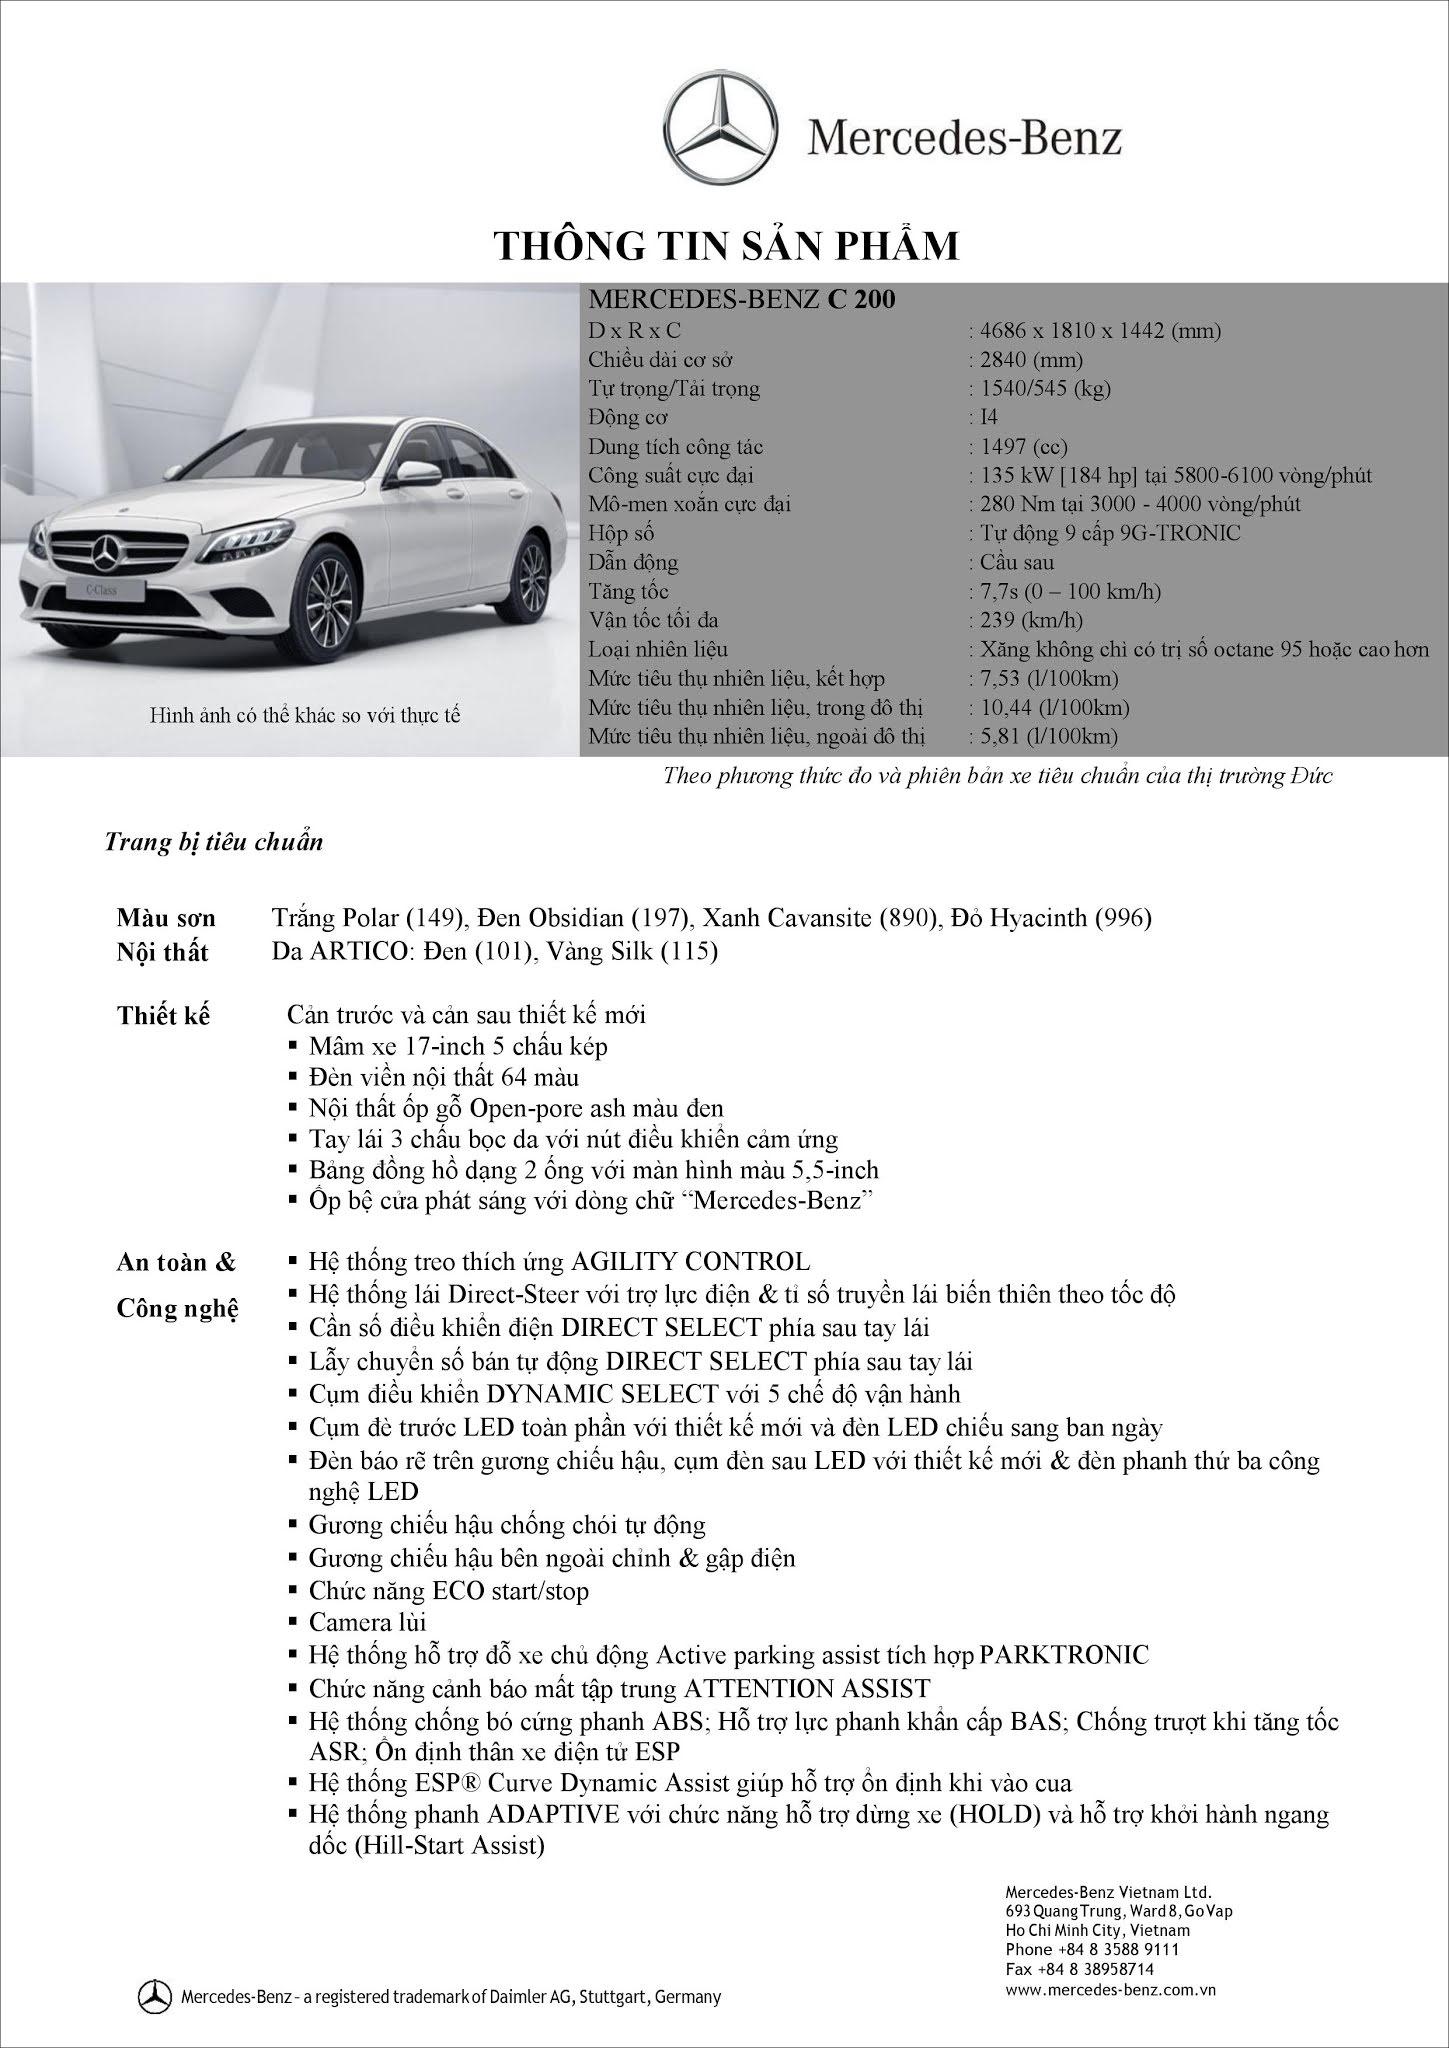 Bảng thông số kỹ thuật Mercedes C200 2019 tại thị trường Việt Nam